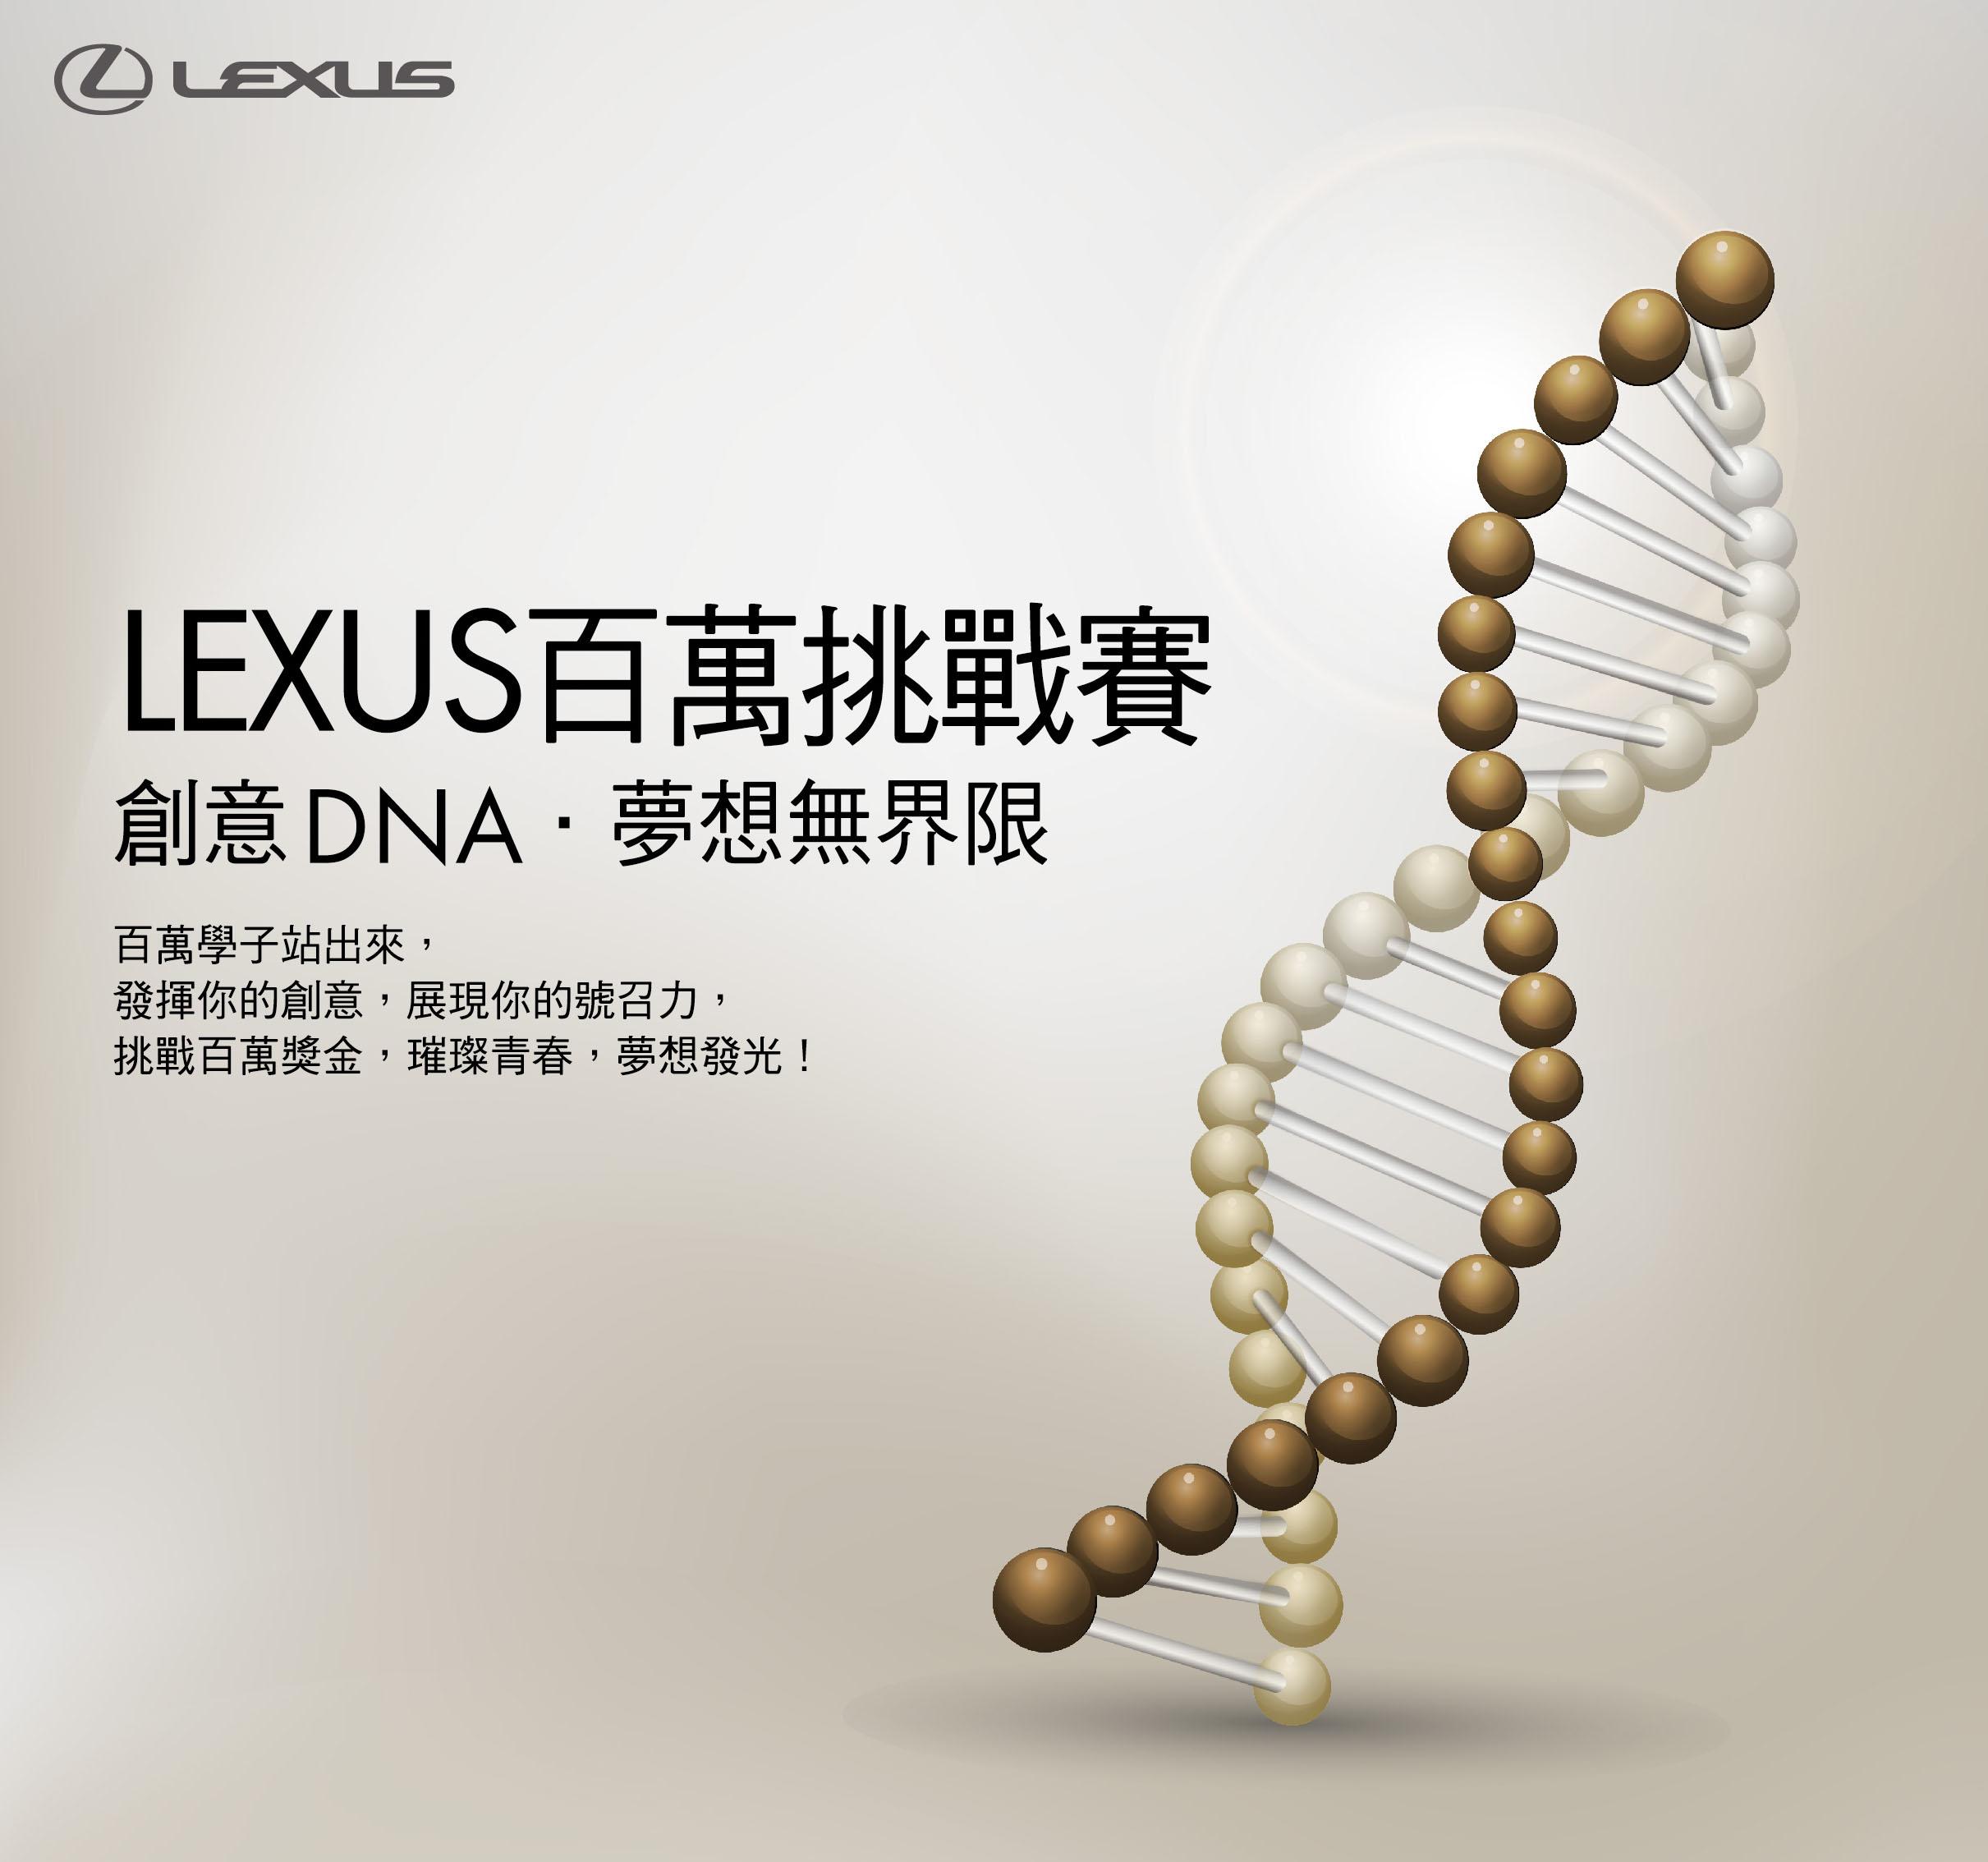 lexus释出百万奖金,发出百万学子召集令 创意dna梦想无界高清图片